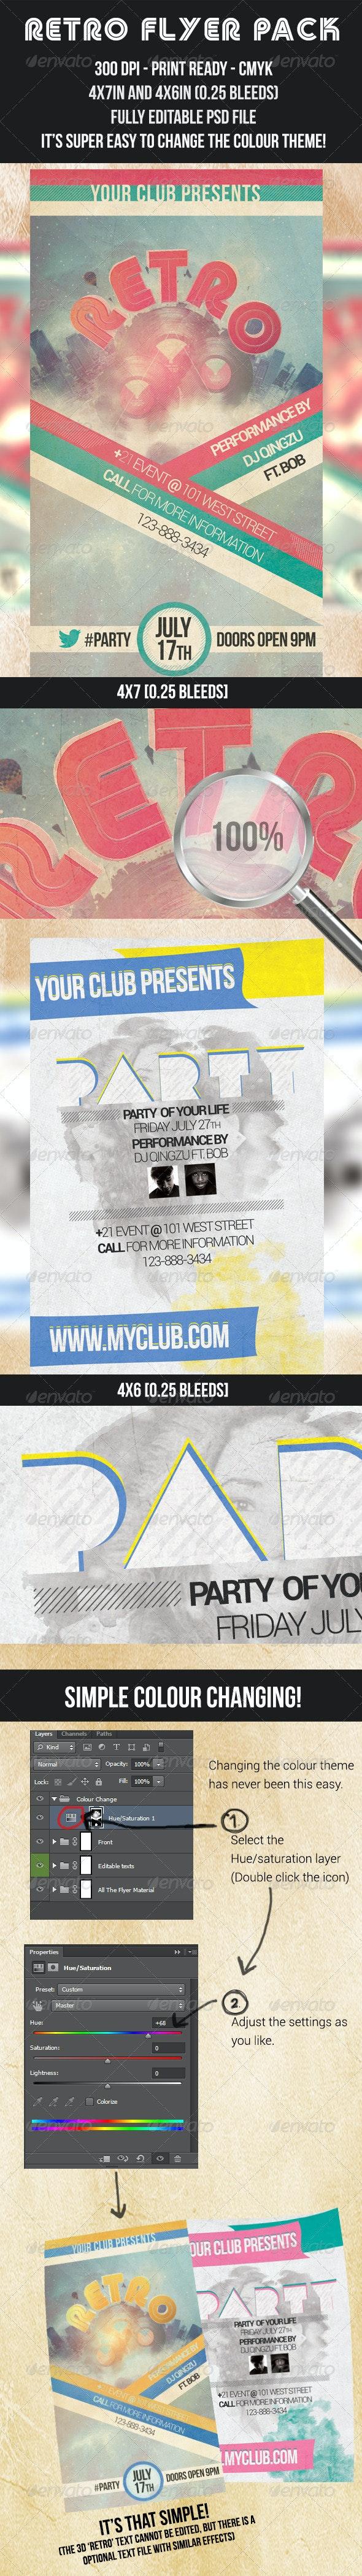 Retro Flyer - Flyers Print Templates